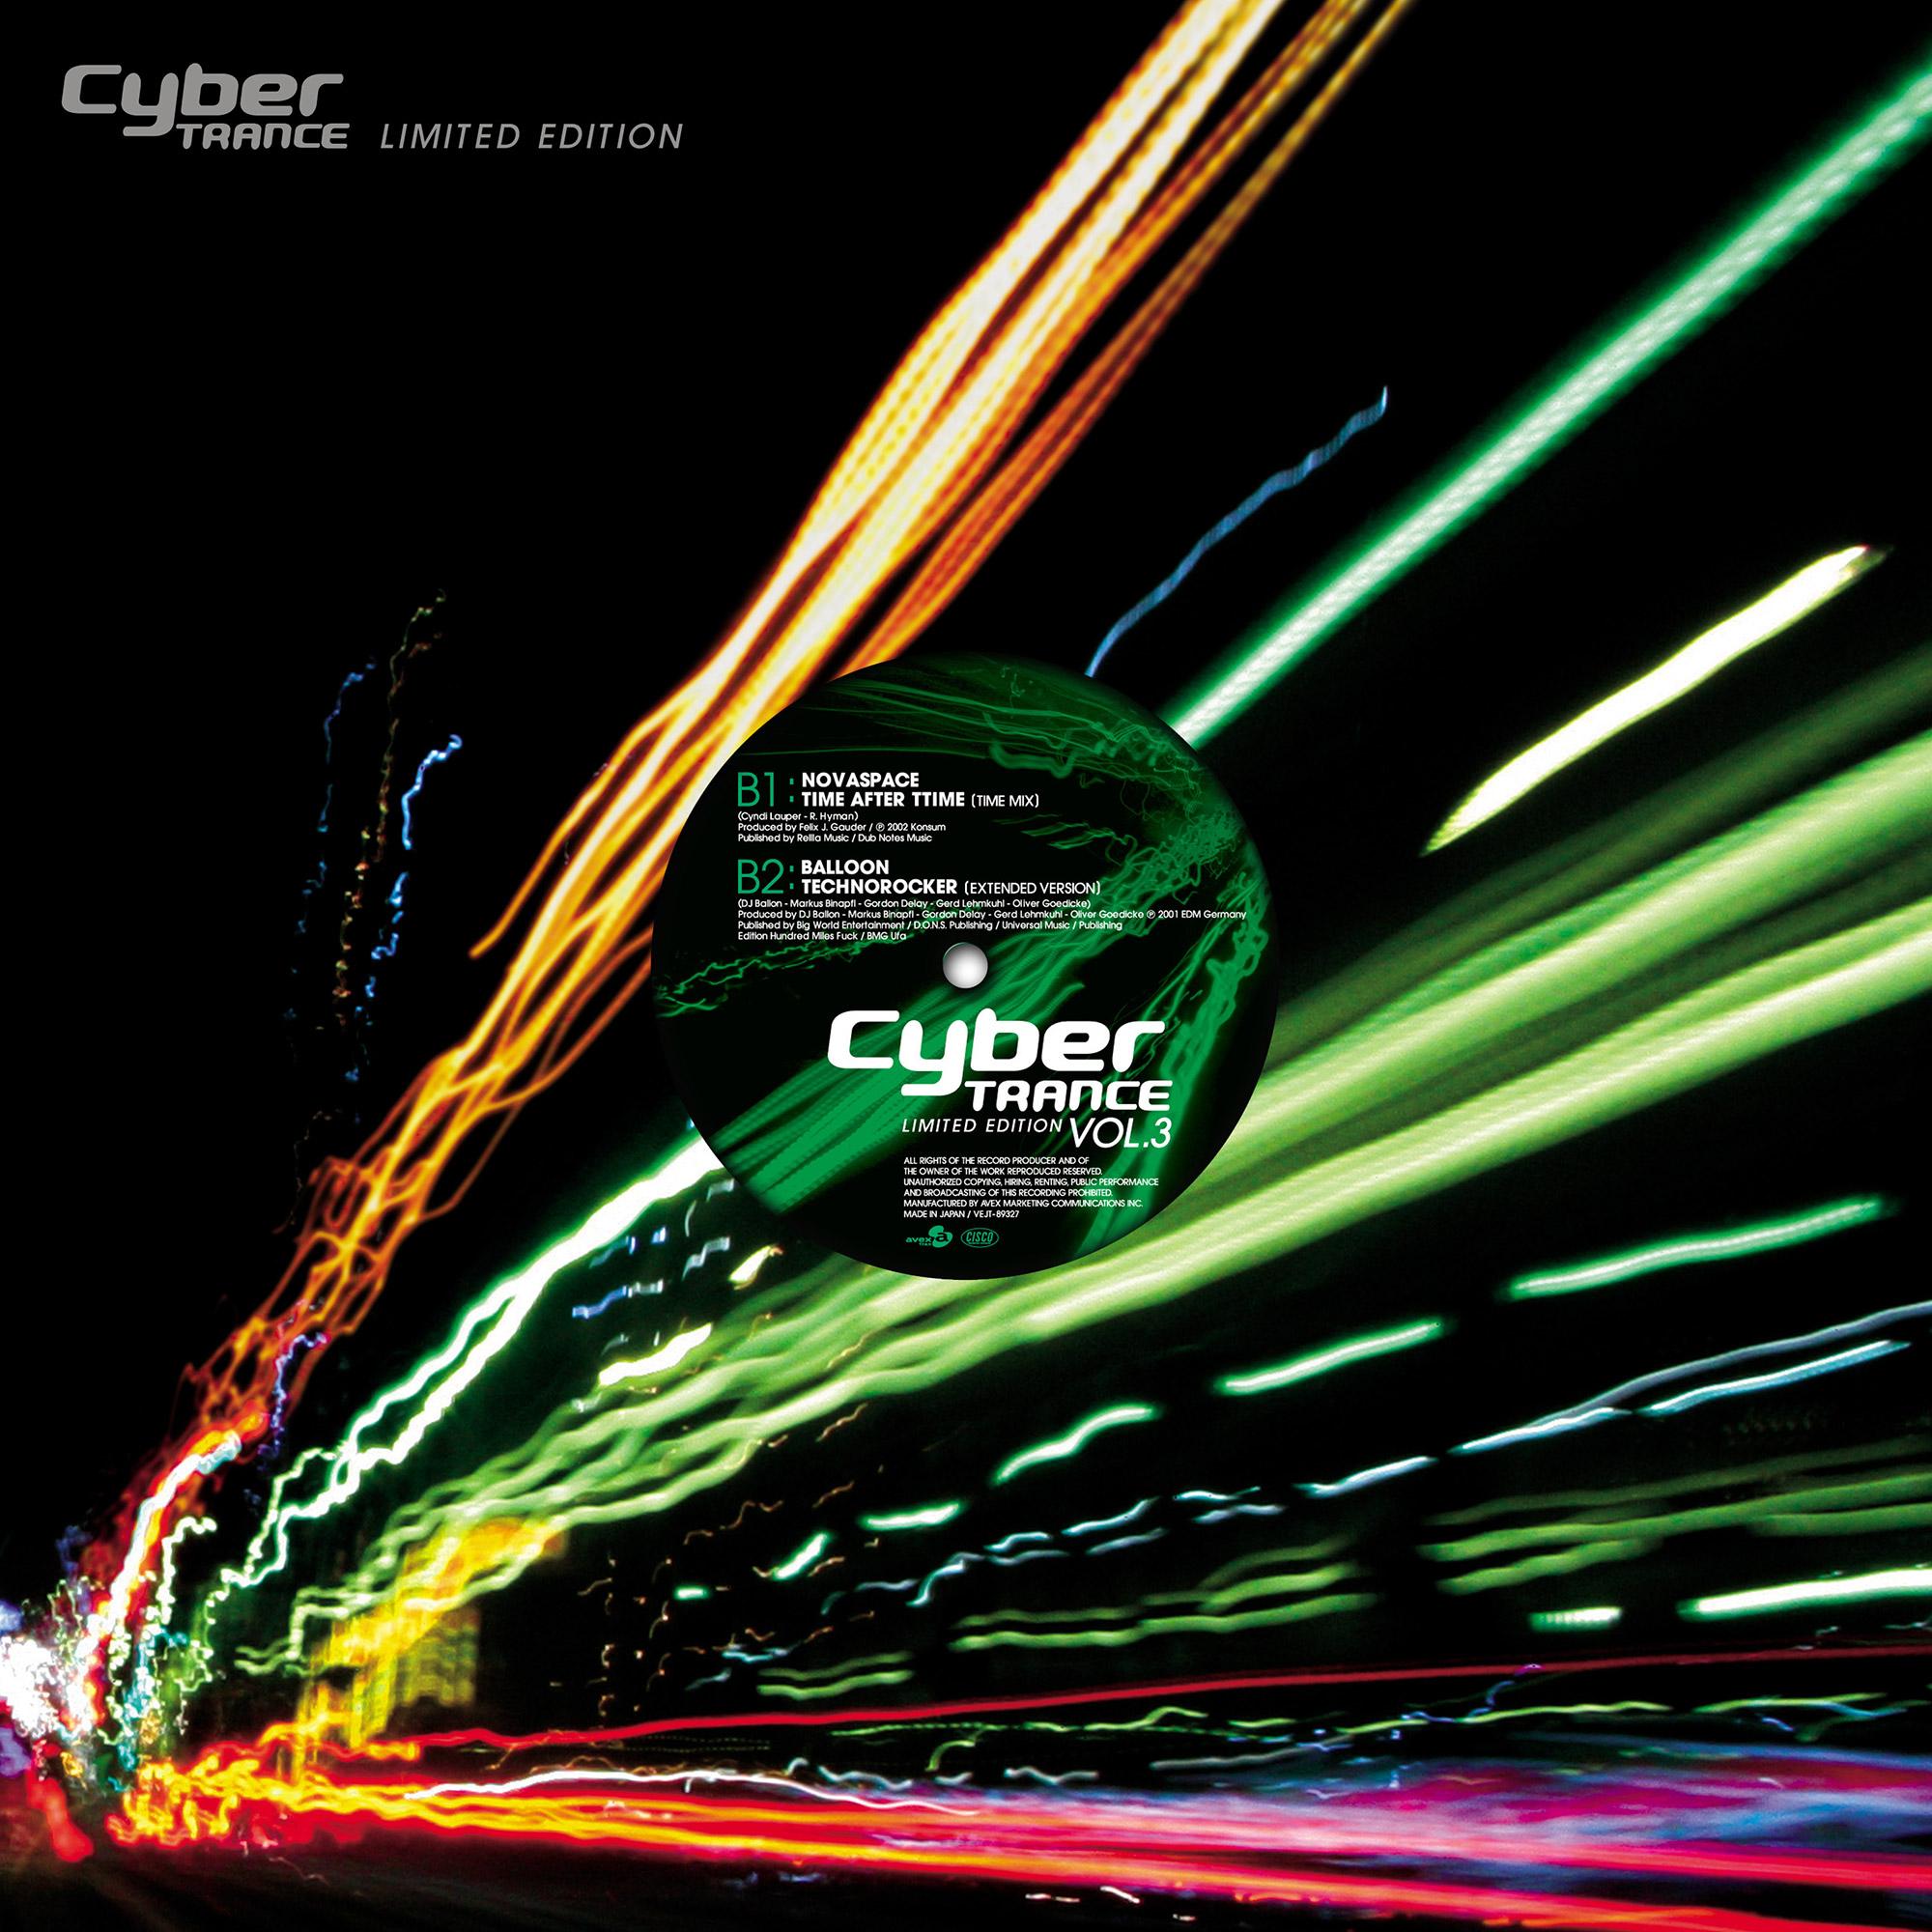 Cyber_LE_vol3_01